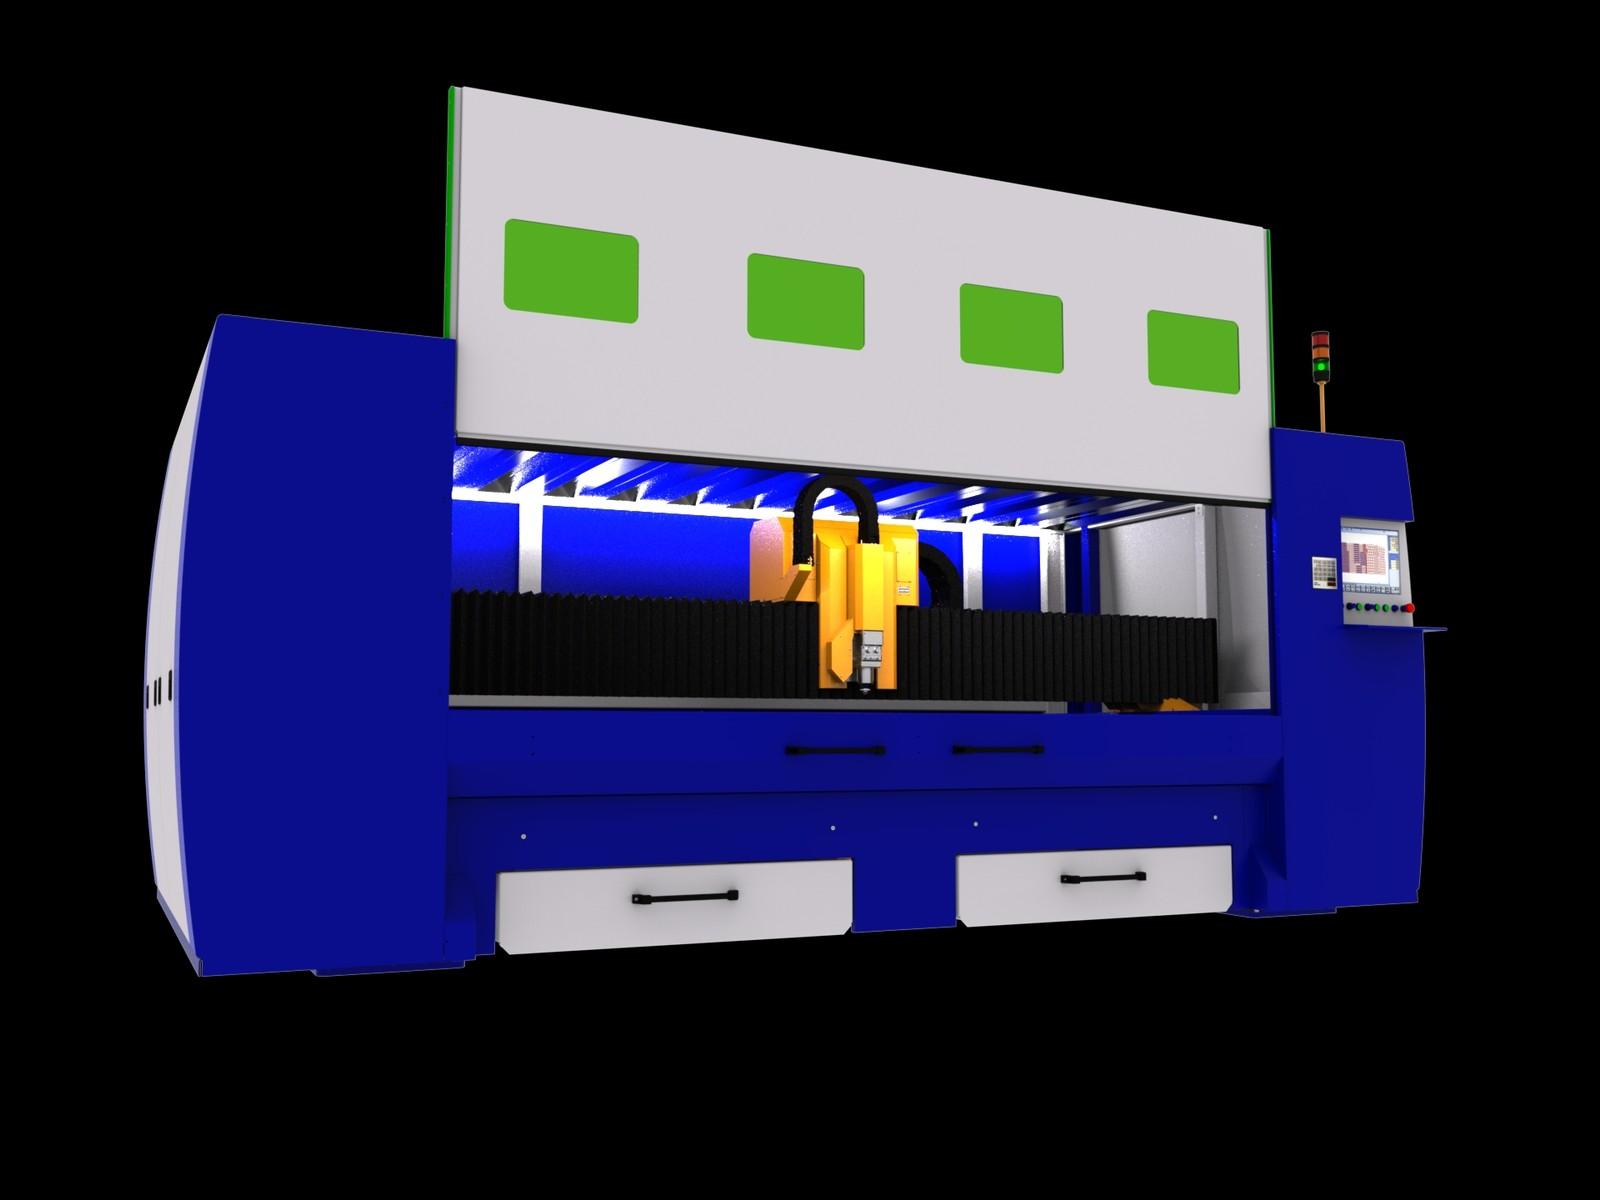 Die als Insellösung konzipierte CNC-Laserschneidanlage MSF Compact ist schnell startklar und spart Platz. Der Faserlaser steht mit verschiedenen Tischgrößen und Laserquellen zur Auswahl. Er feiert Weltpremiere auf der Euroblech.